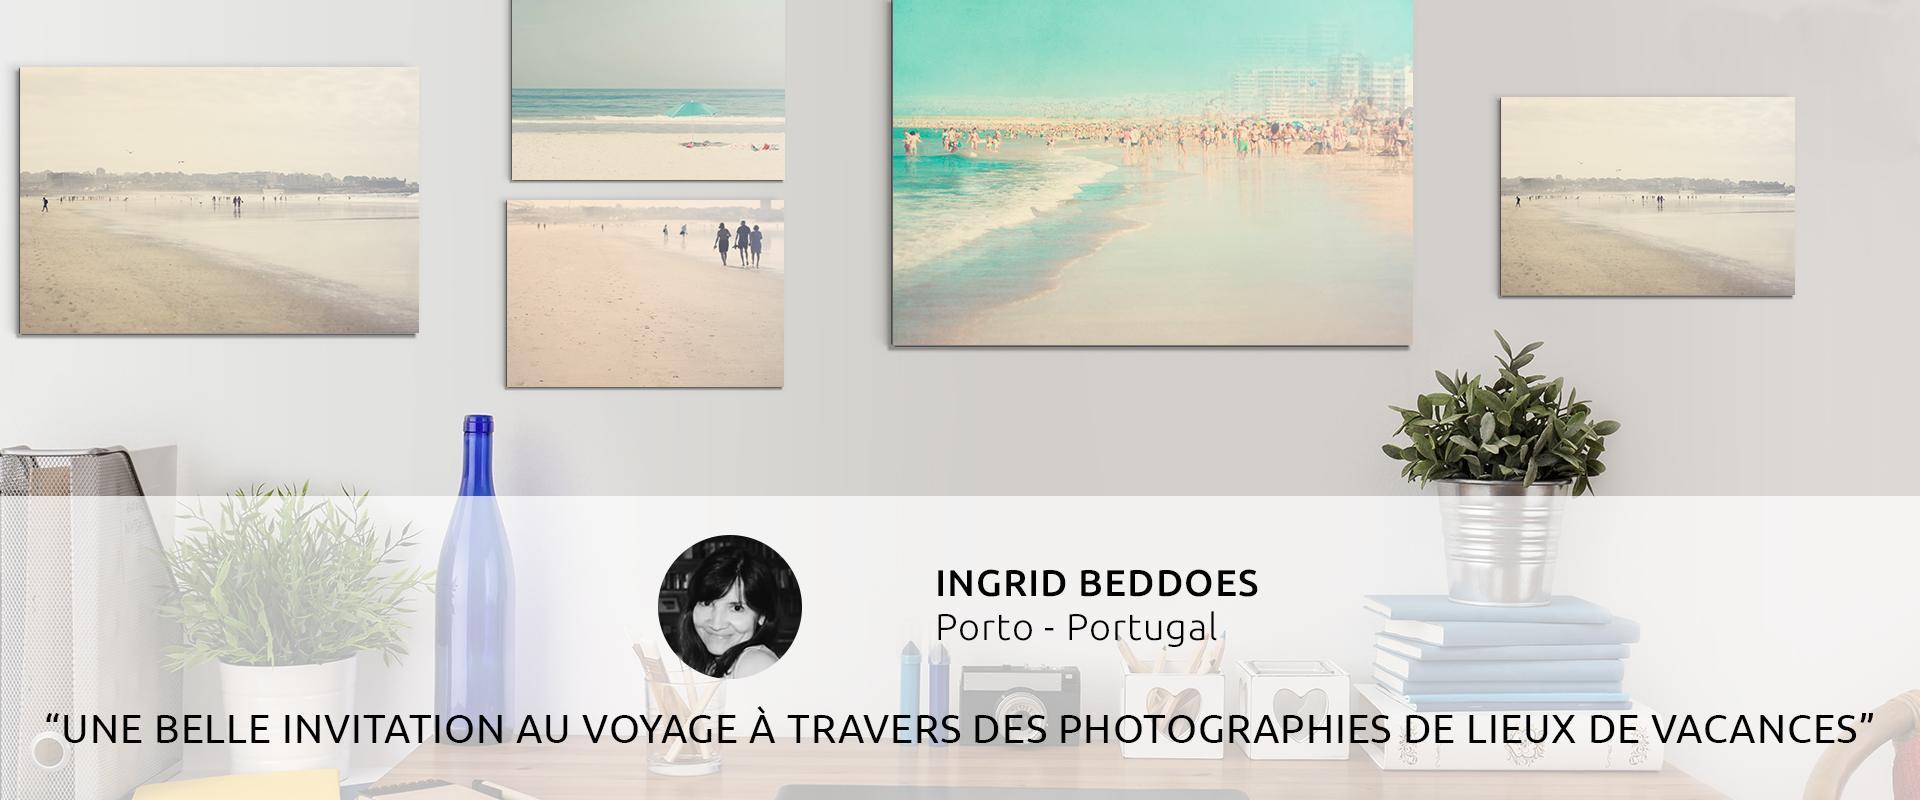 artiste Ingrid Beddoes